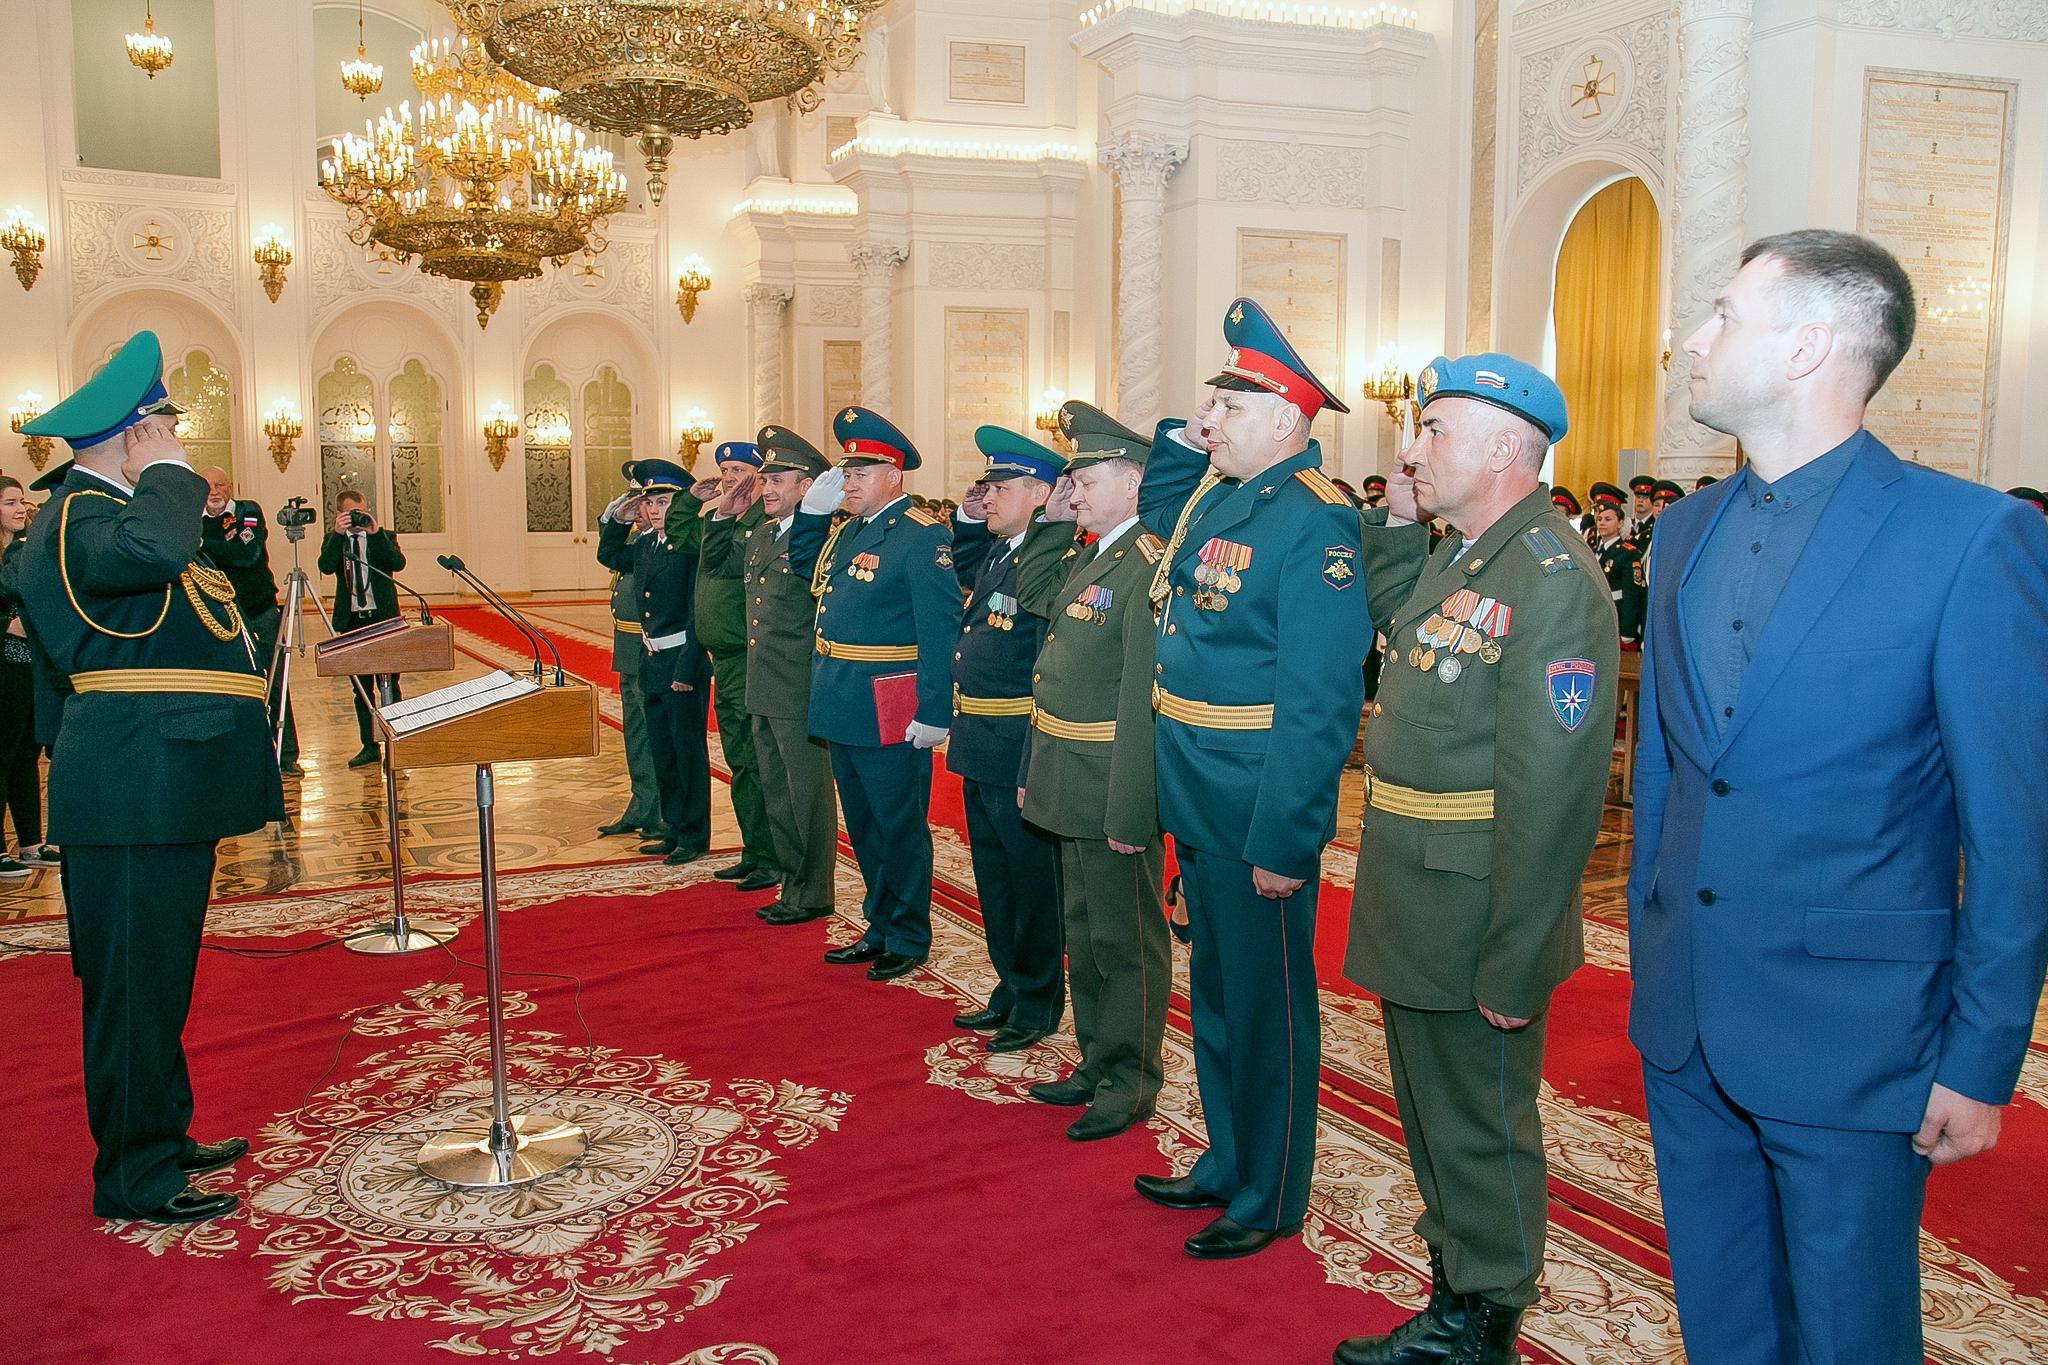 Представители учебных заведений Системы «Альфа» перед началом кадетской клятвы